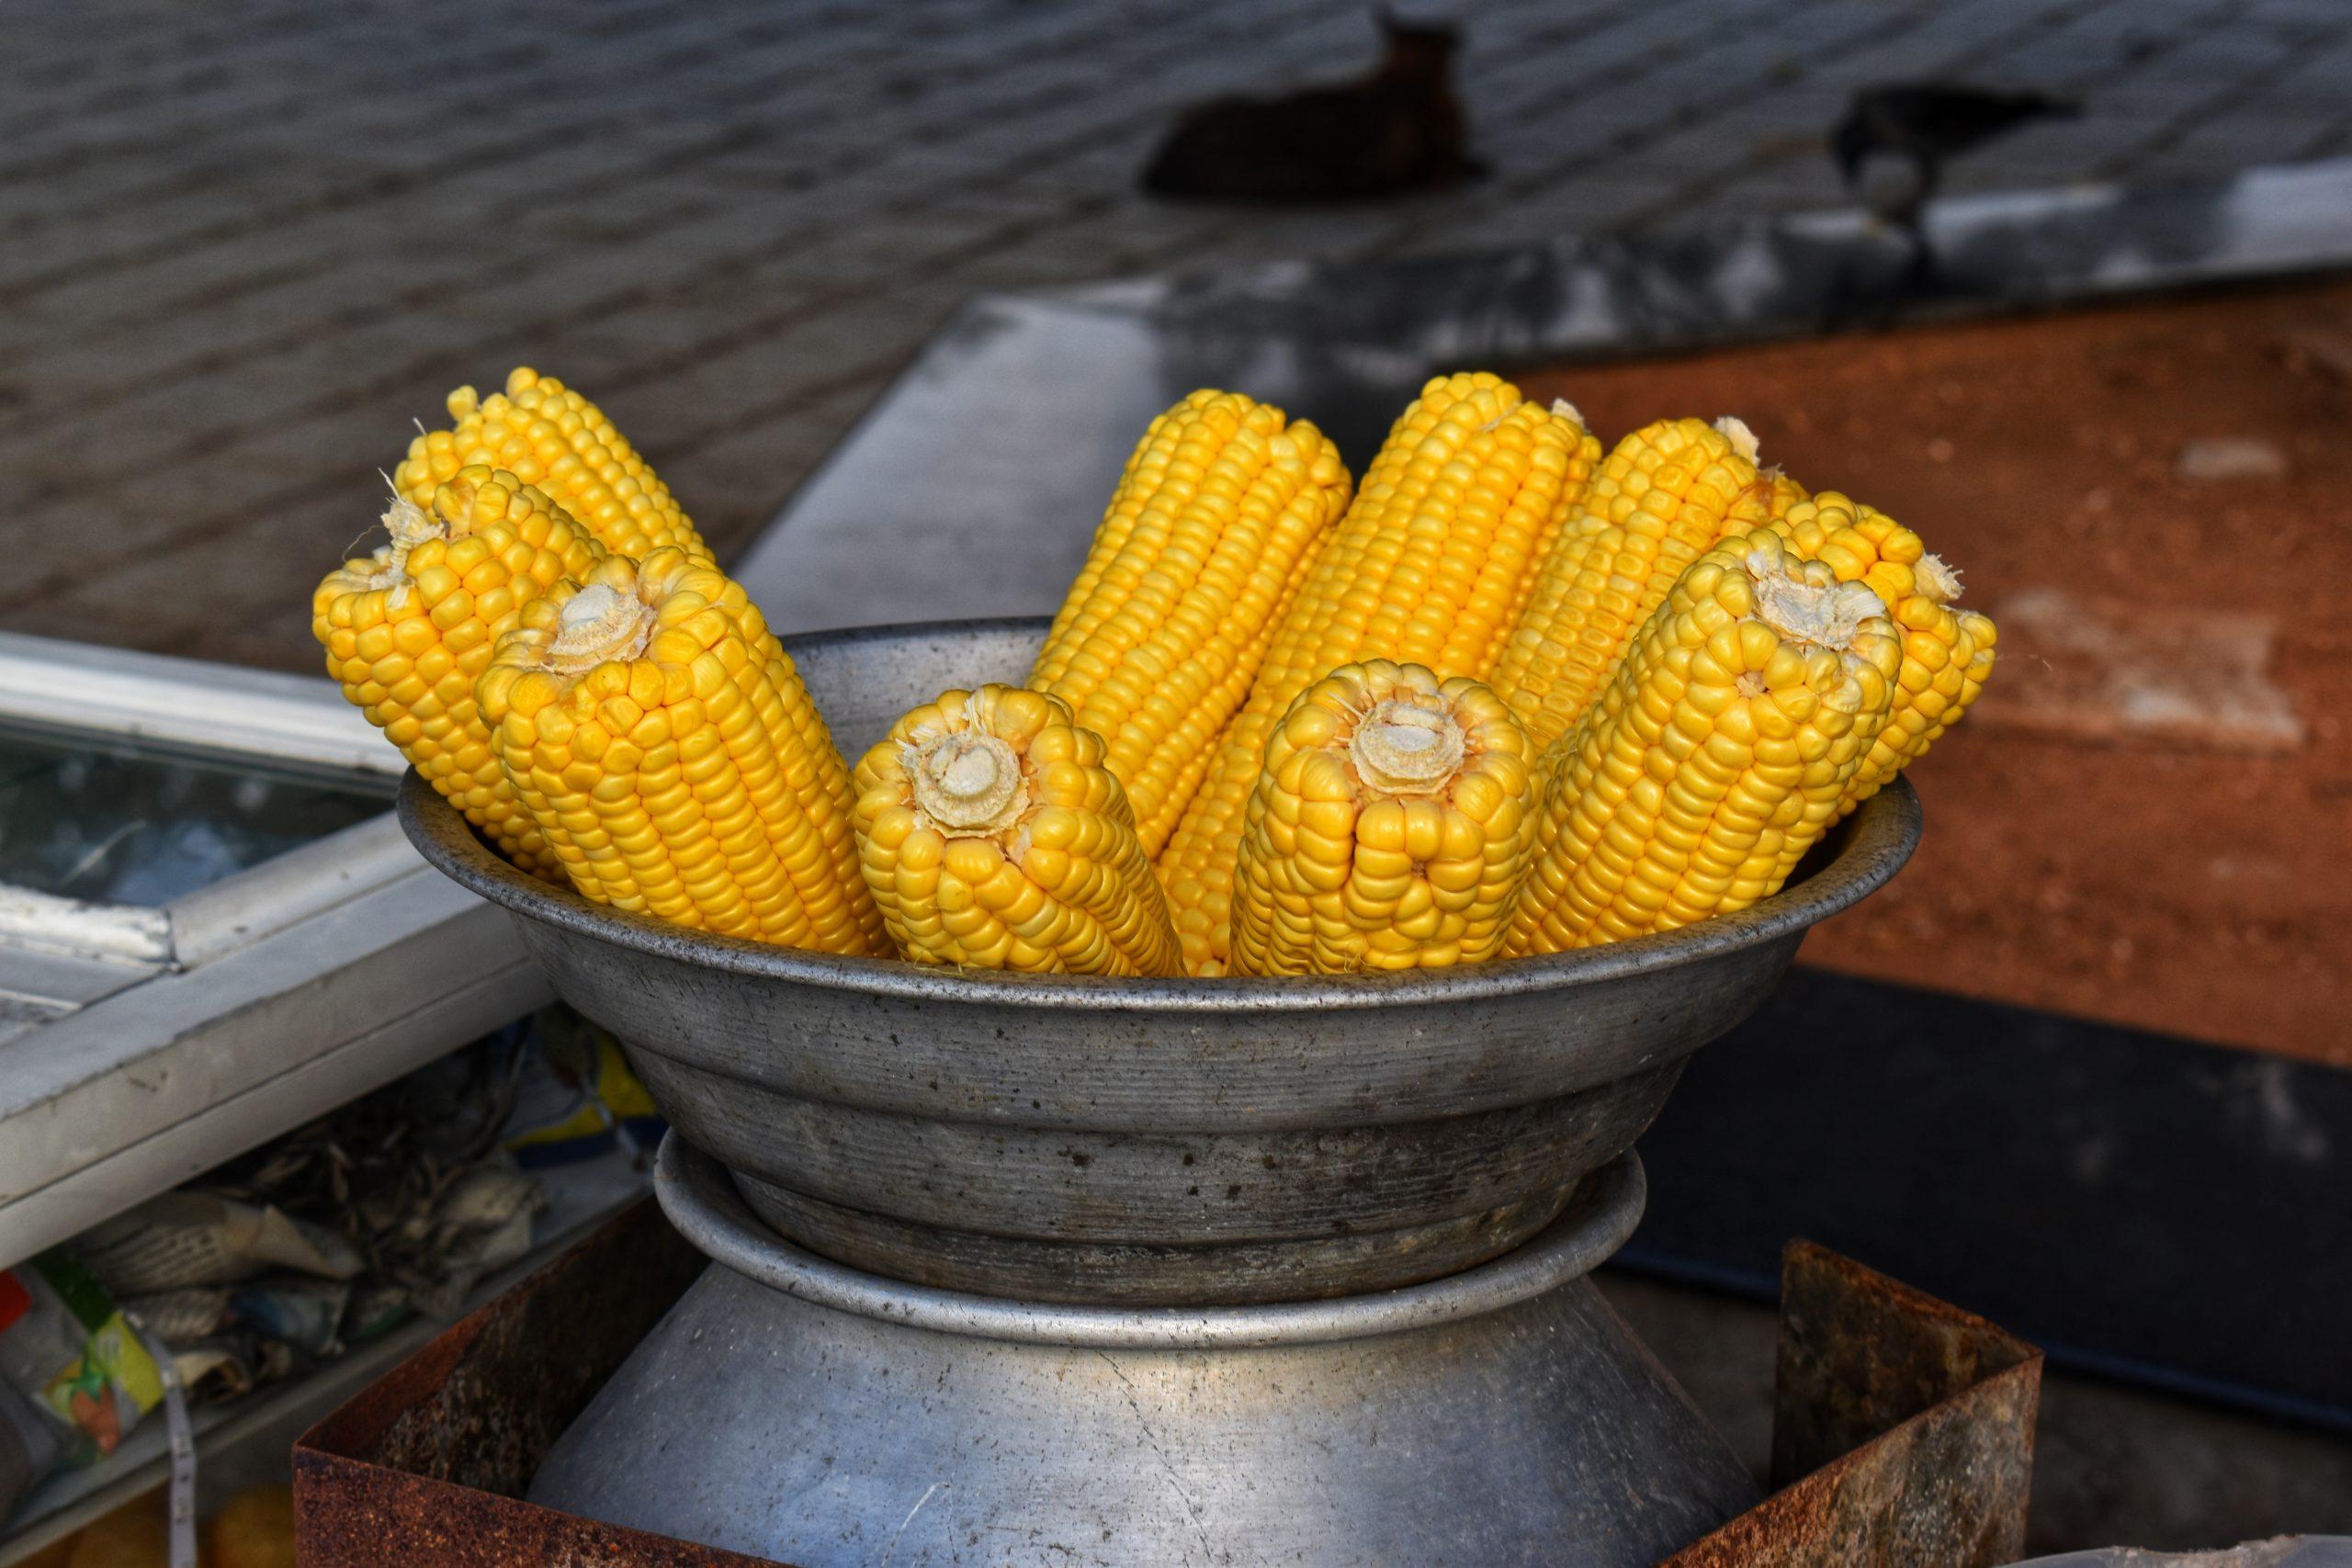 Corn cobs in a pot